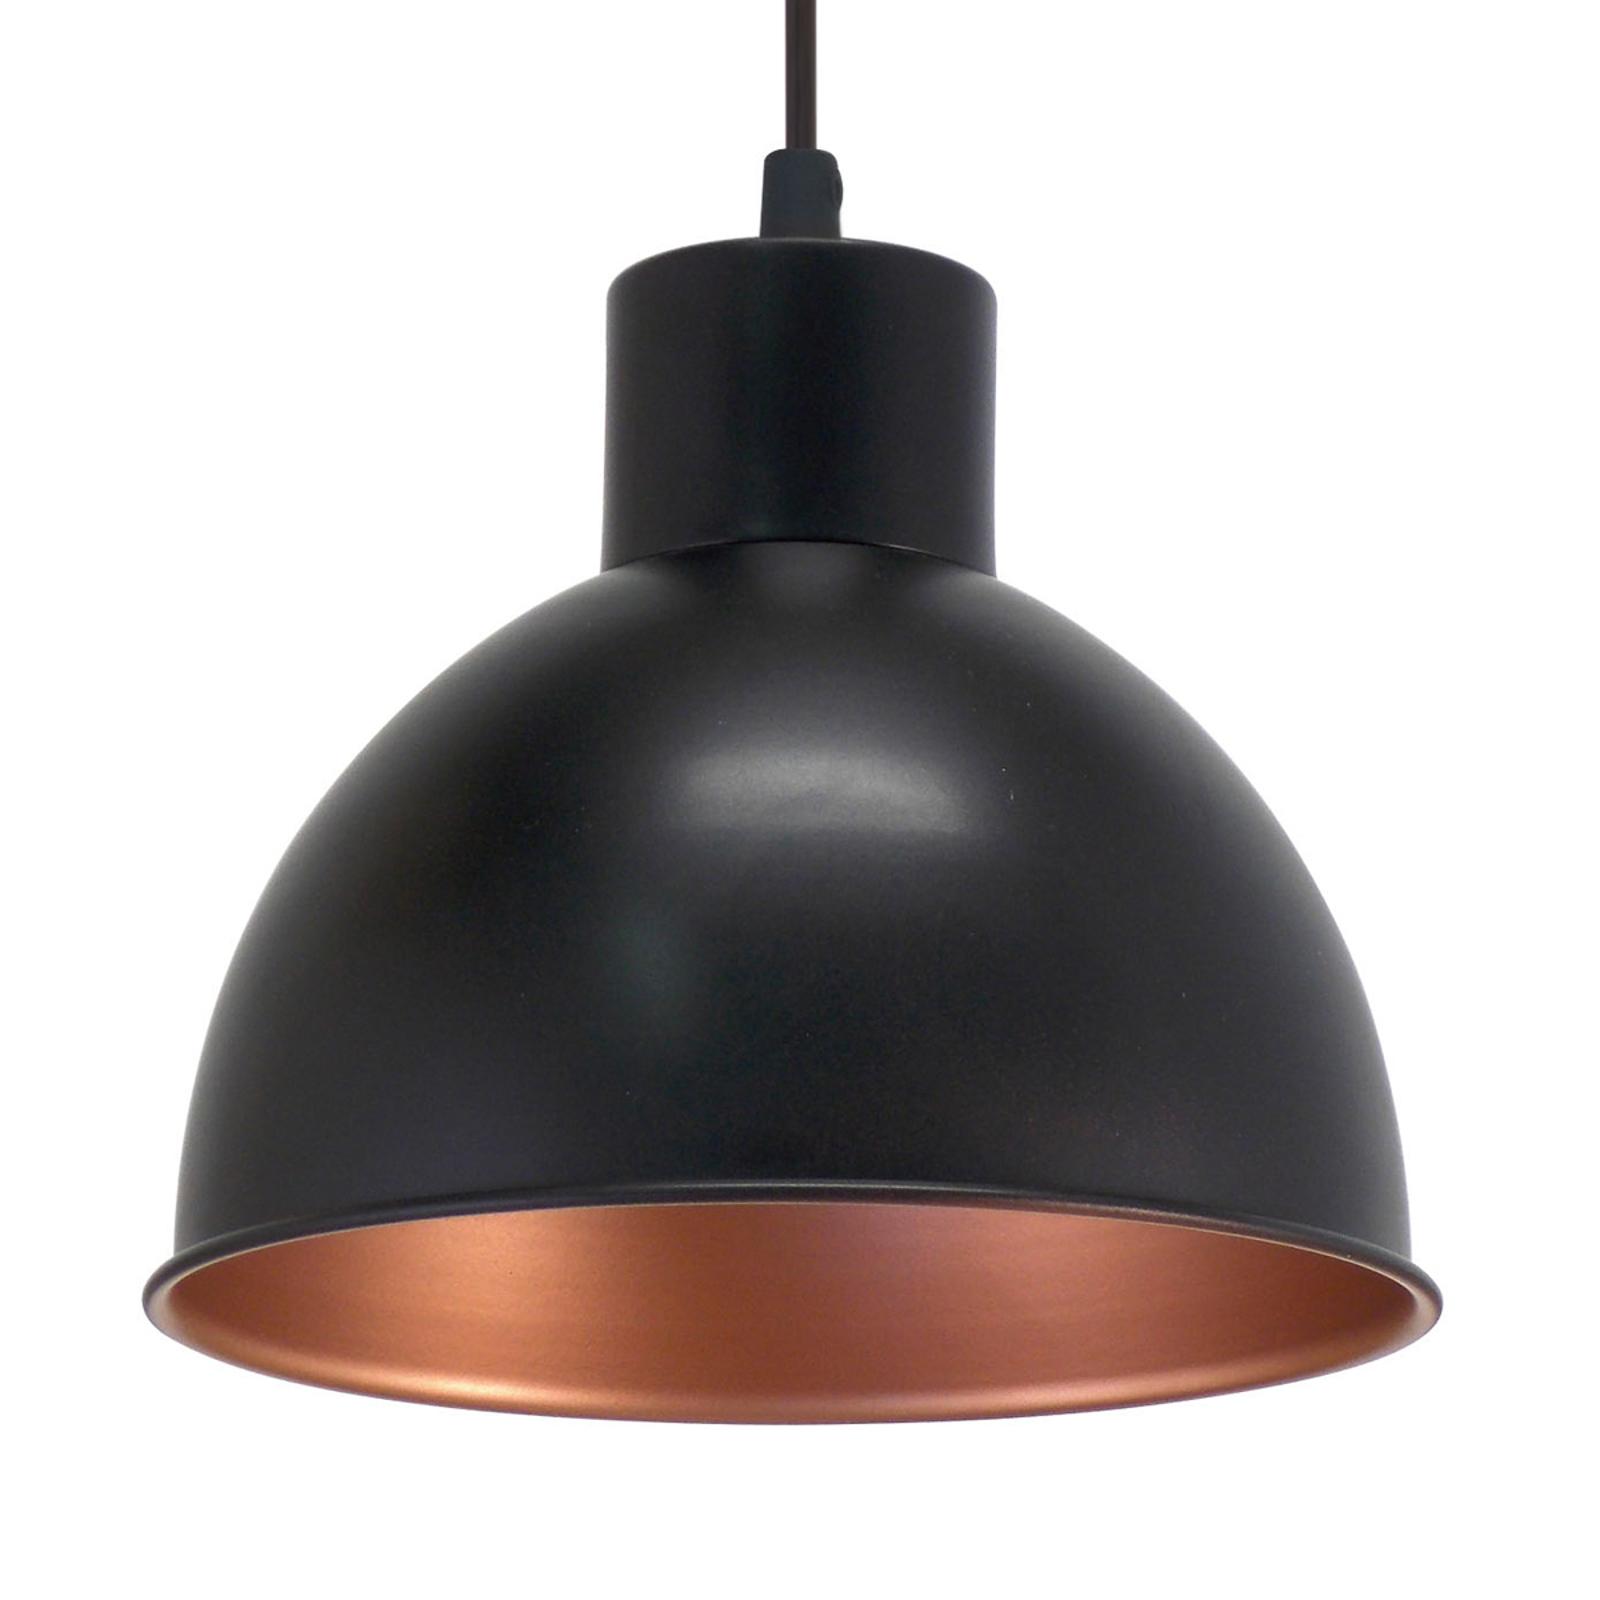 Andrin Black Pendant Lamp - Copper Interior_3031601_1